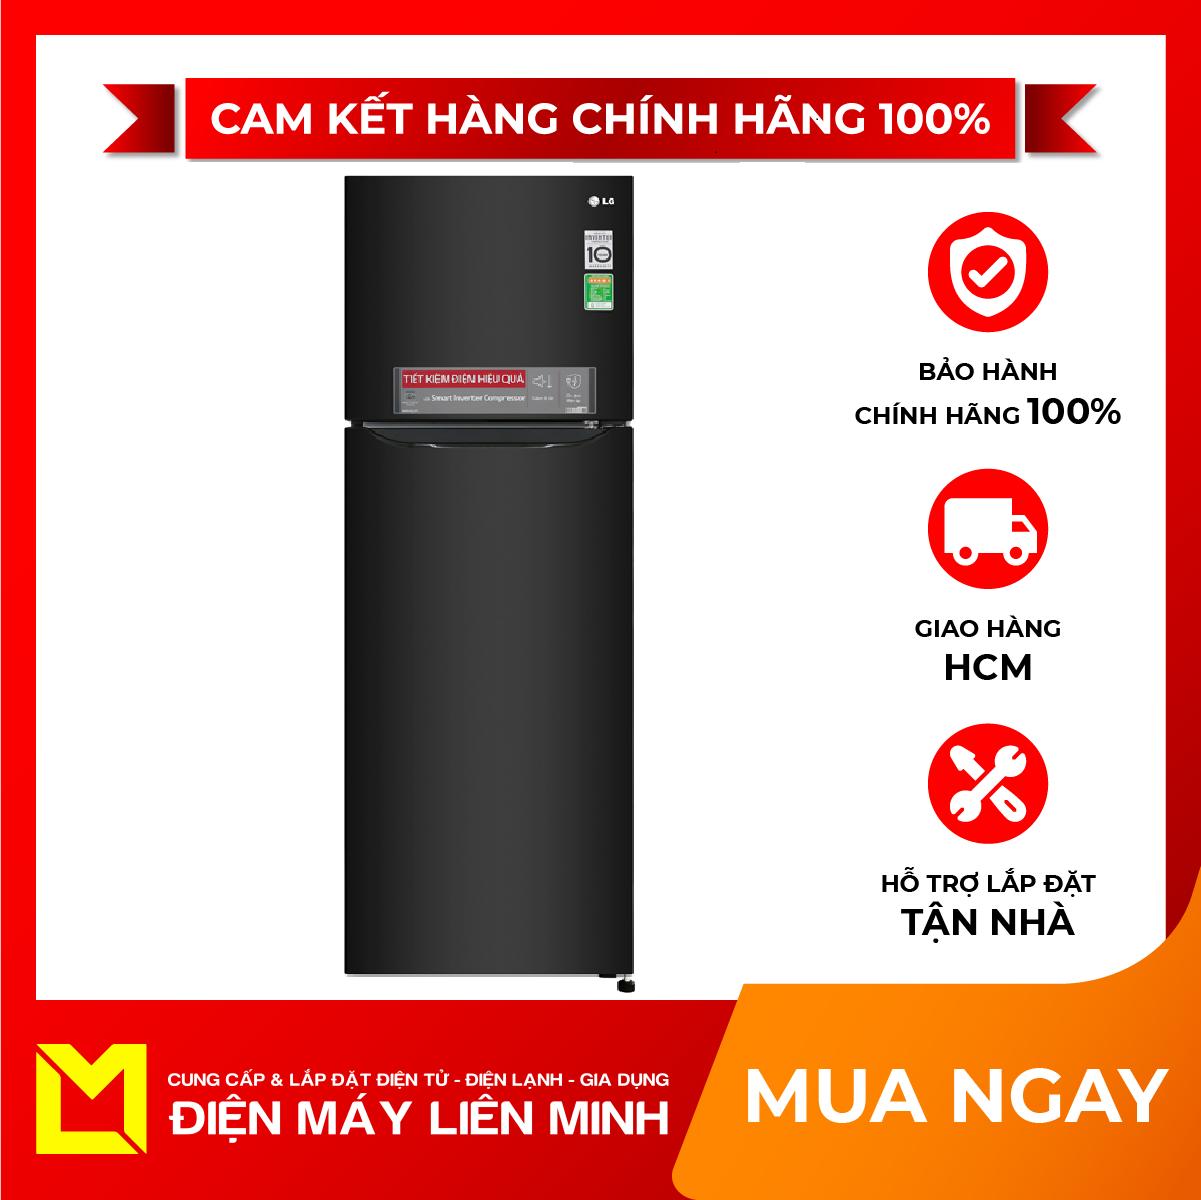 Tủ lạnh LG Inverter 255 lít GN-M255BL – Tiện ích:Ngăn kéo linh hoạt, Khay đá di động, Inverter tiết kiệm điện, Chẩn đoán lỗi thông minh Smart Diagnosis, Ngăn rau giữ ẩm nhiều chế độ